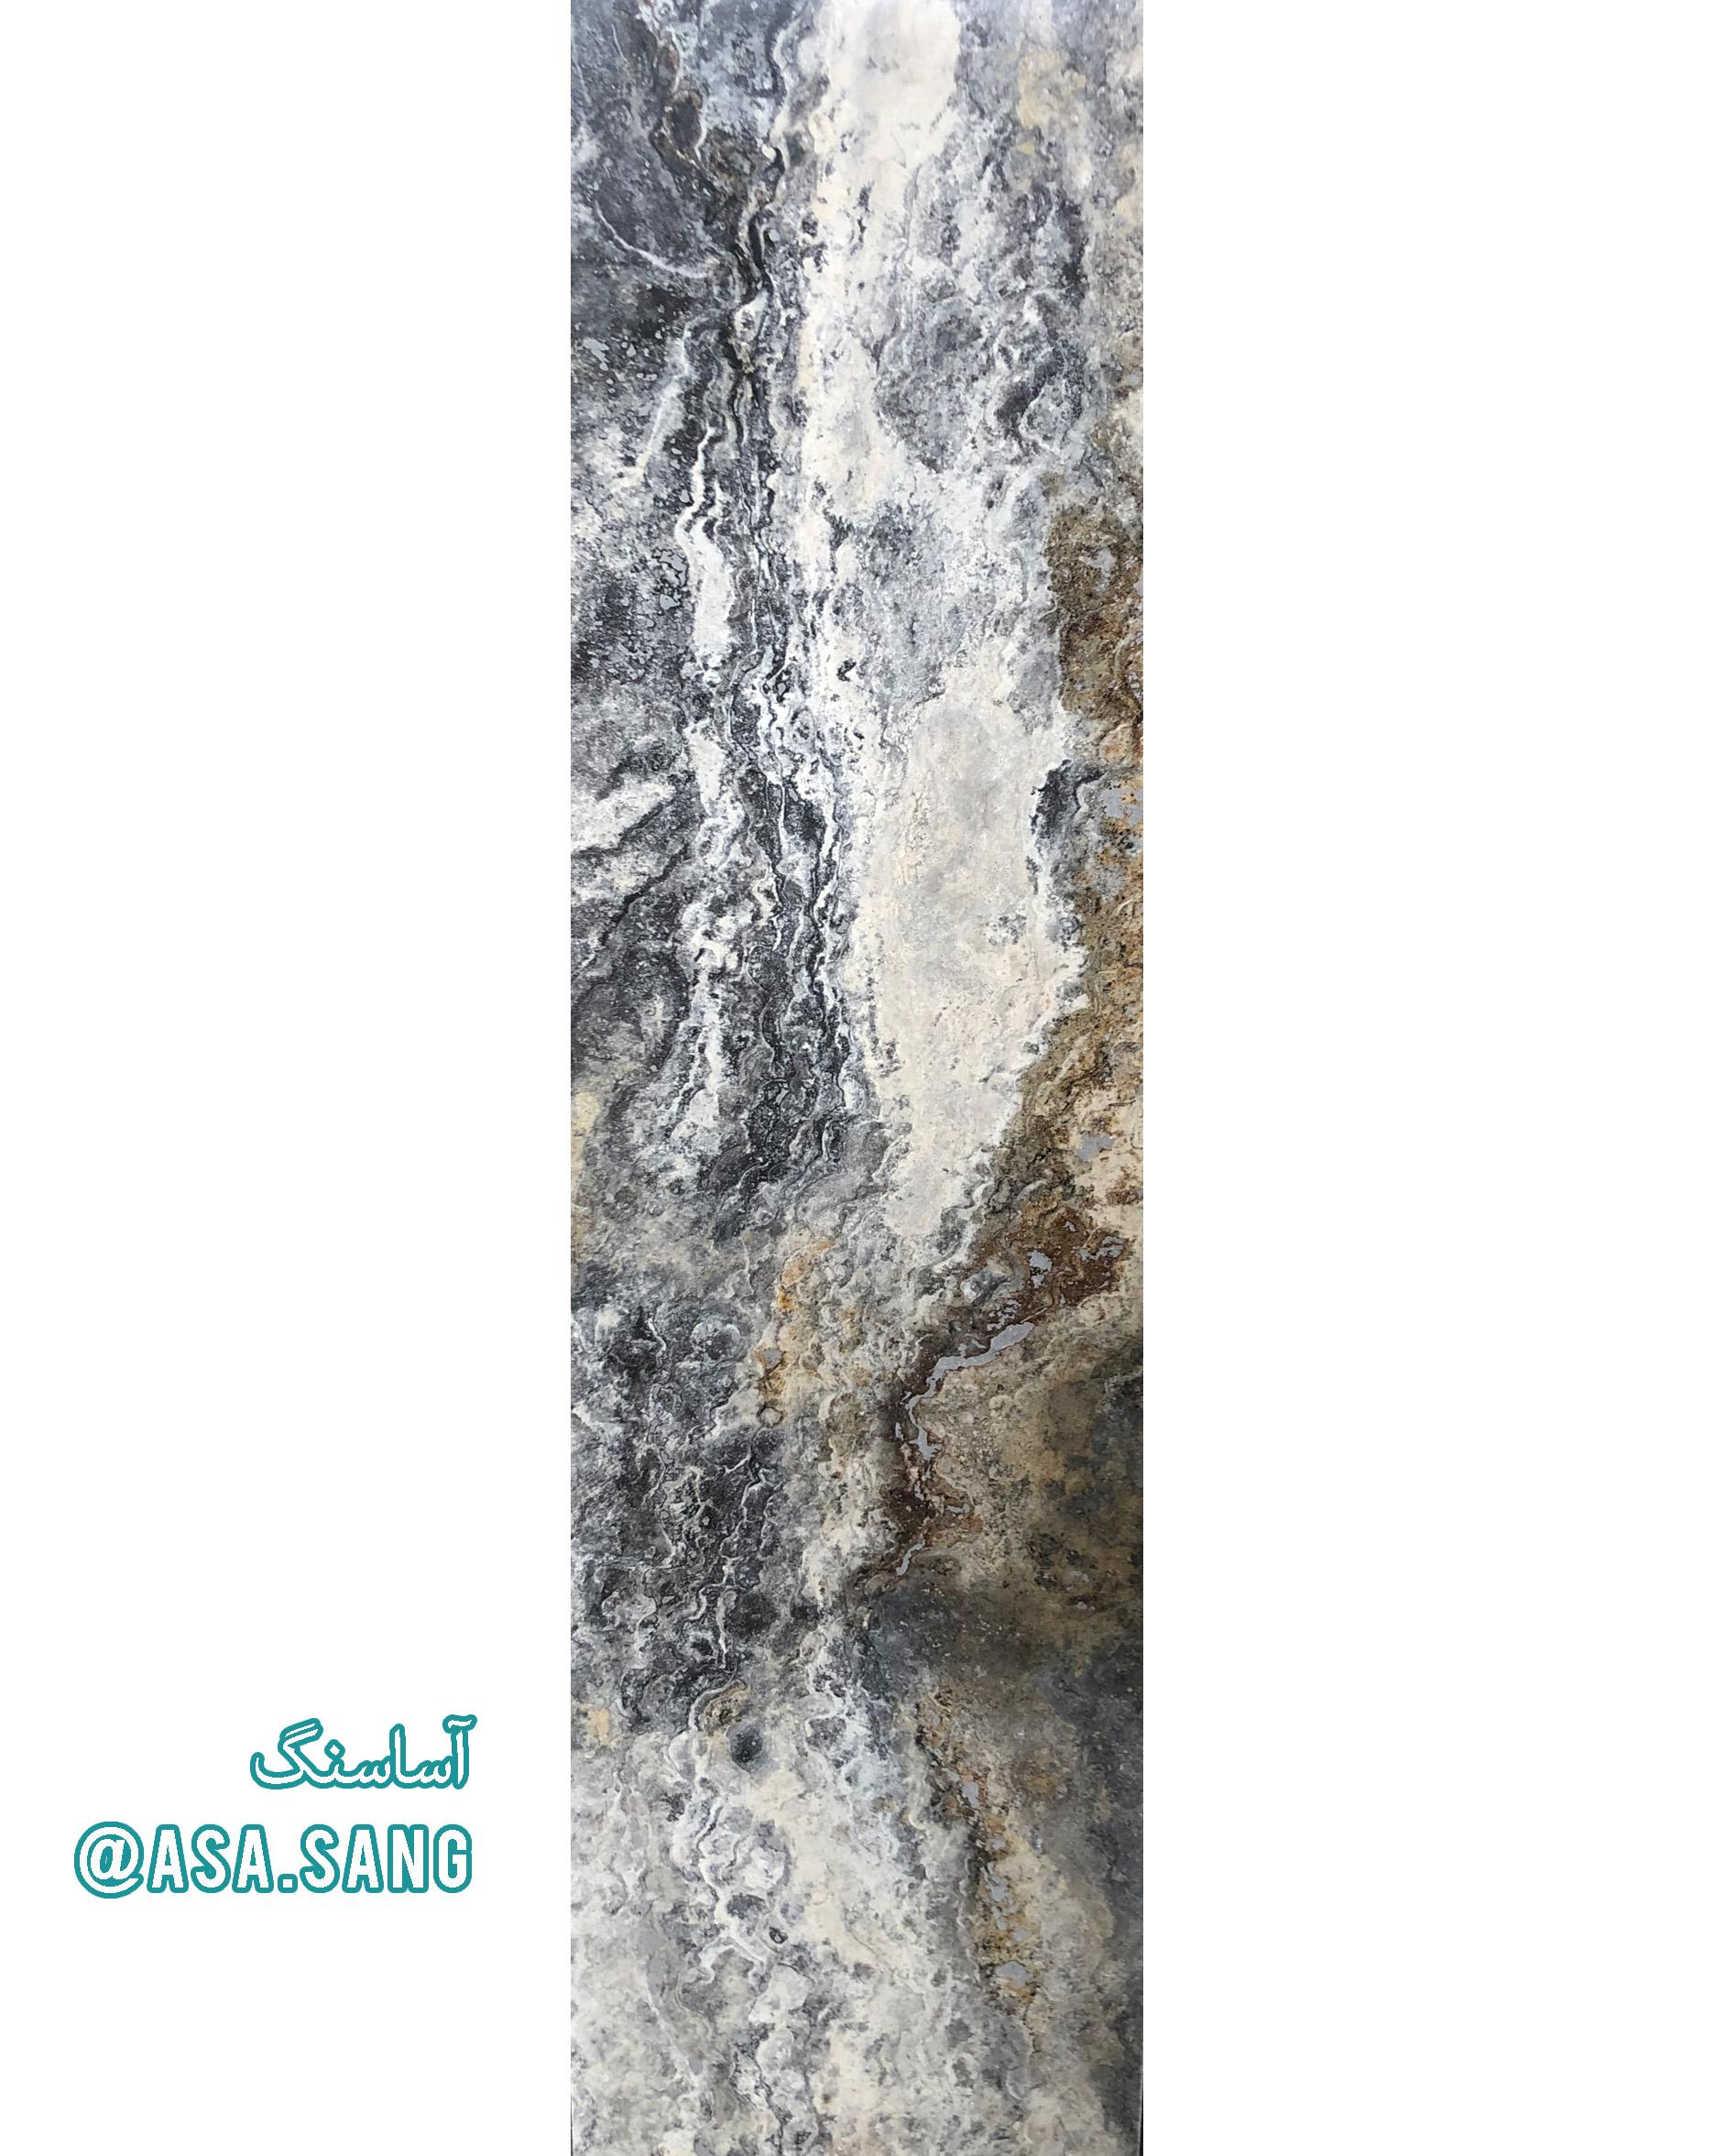 عکس محصول سنگ تراورتن سیلور (دودی) آذرشهر 8